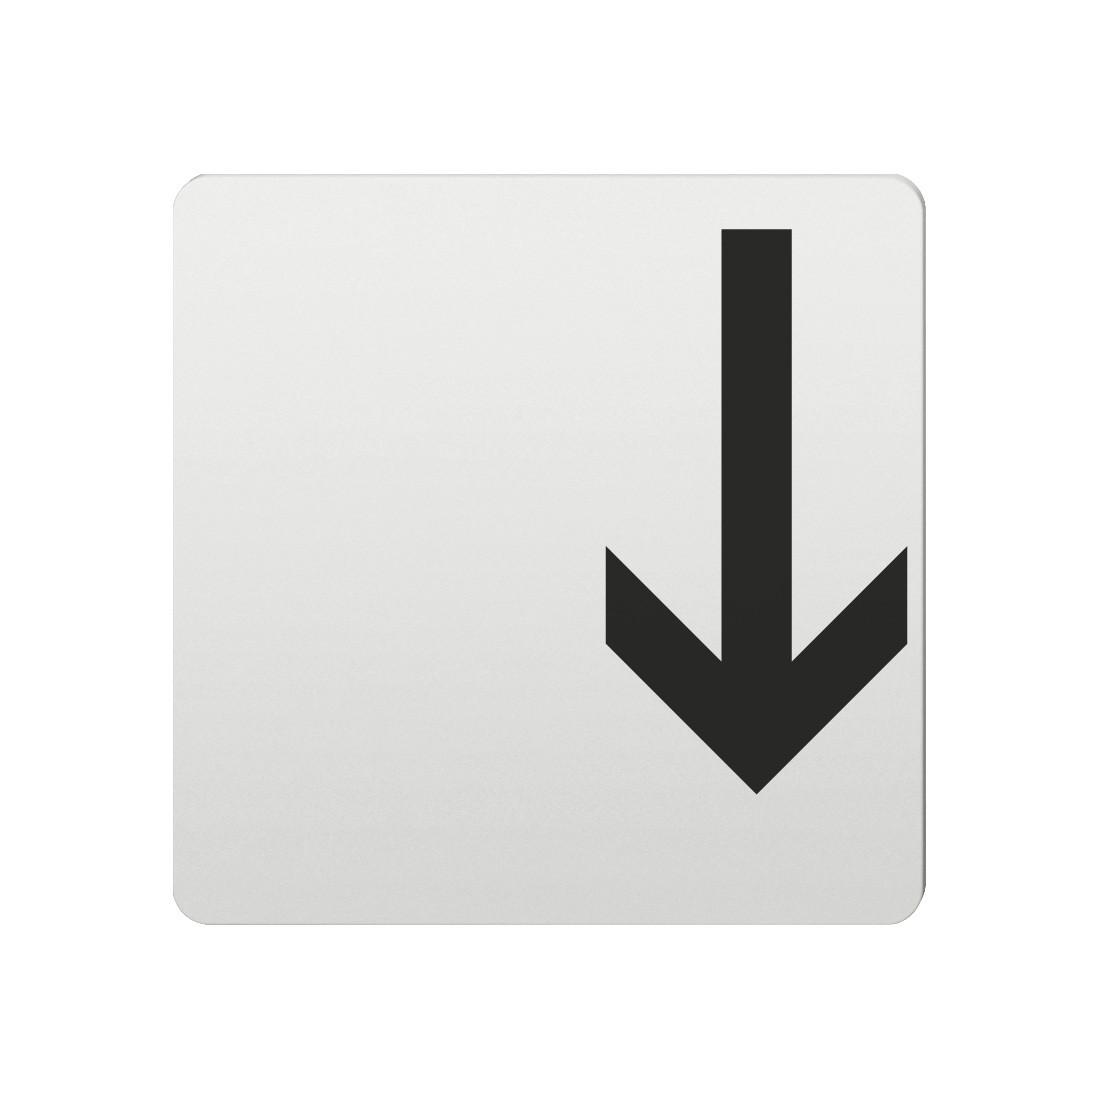 FSB Hinweiszeichen Pfeil nach unten Lasergraviert Aluminium naturfarbig (0 36 4059 00001 0105)